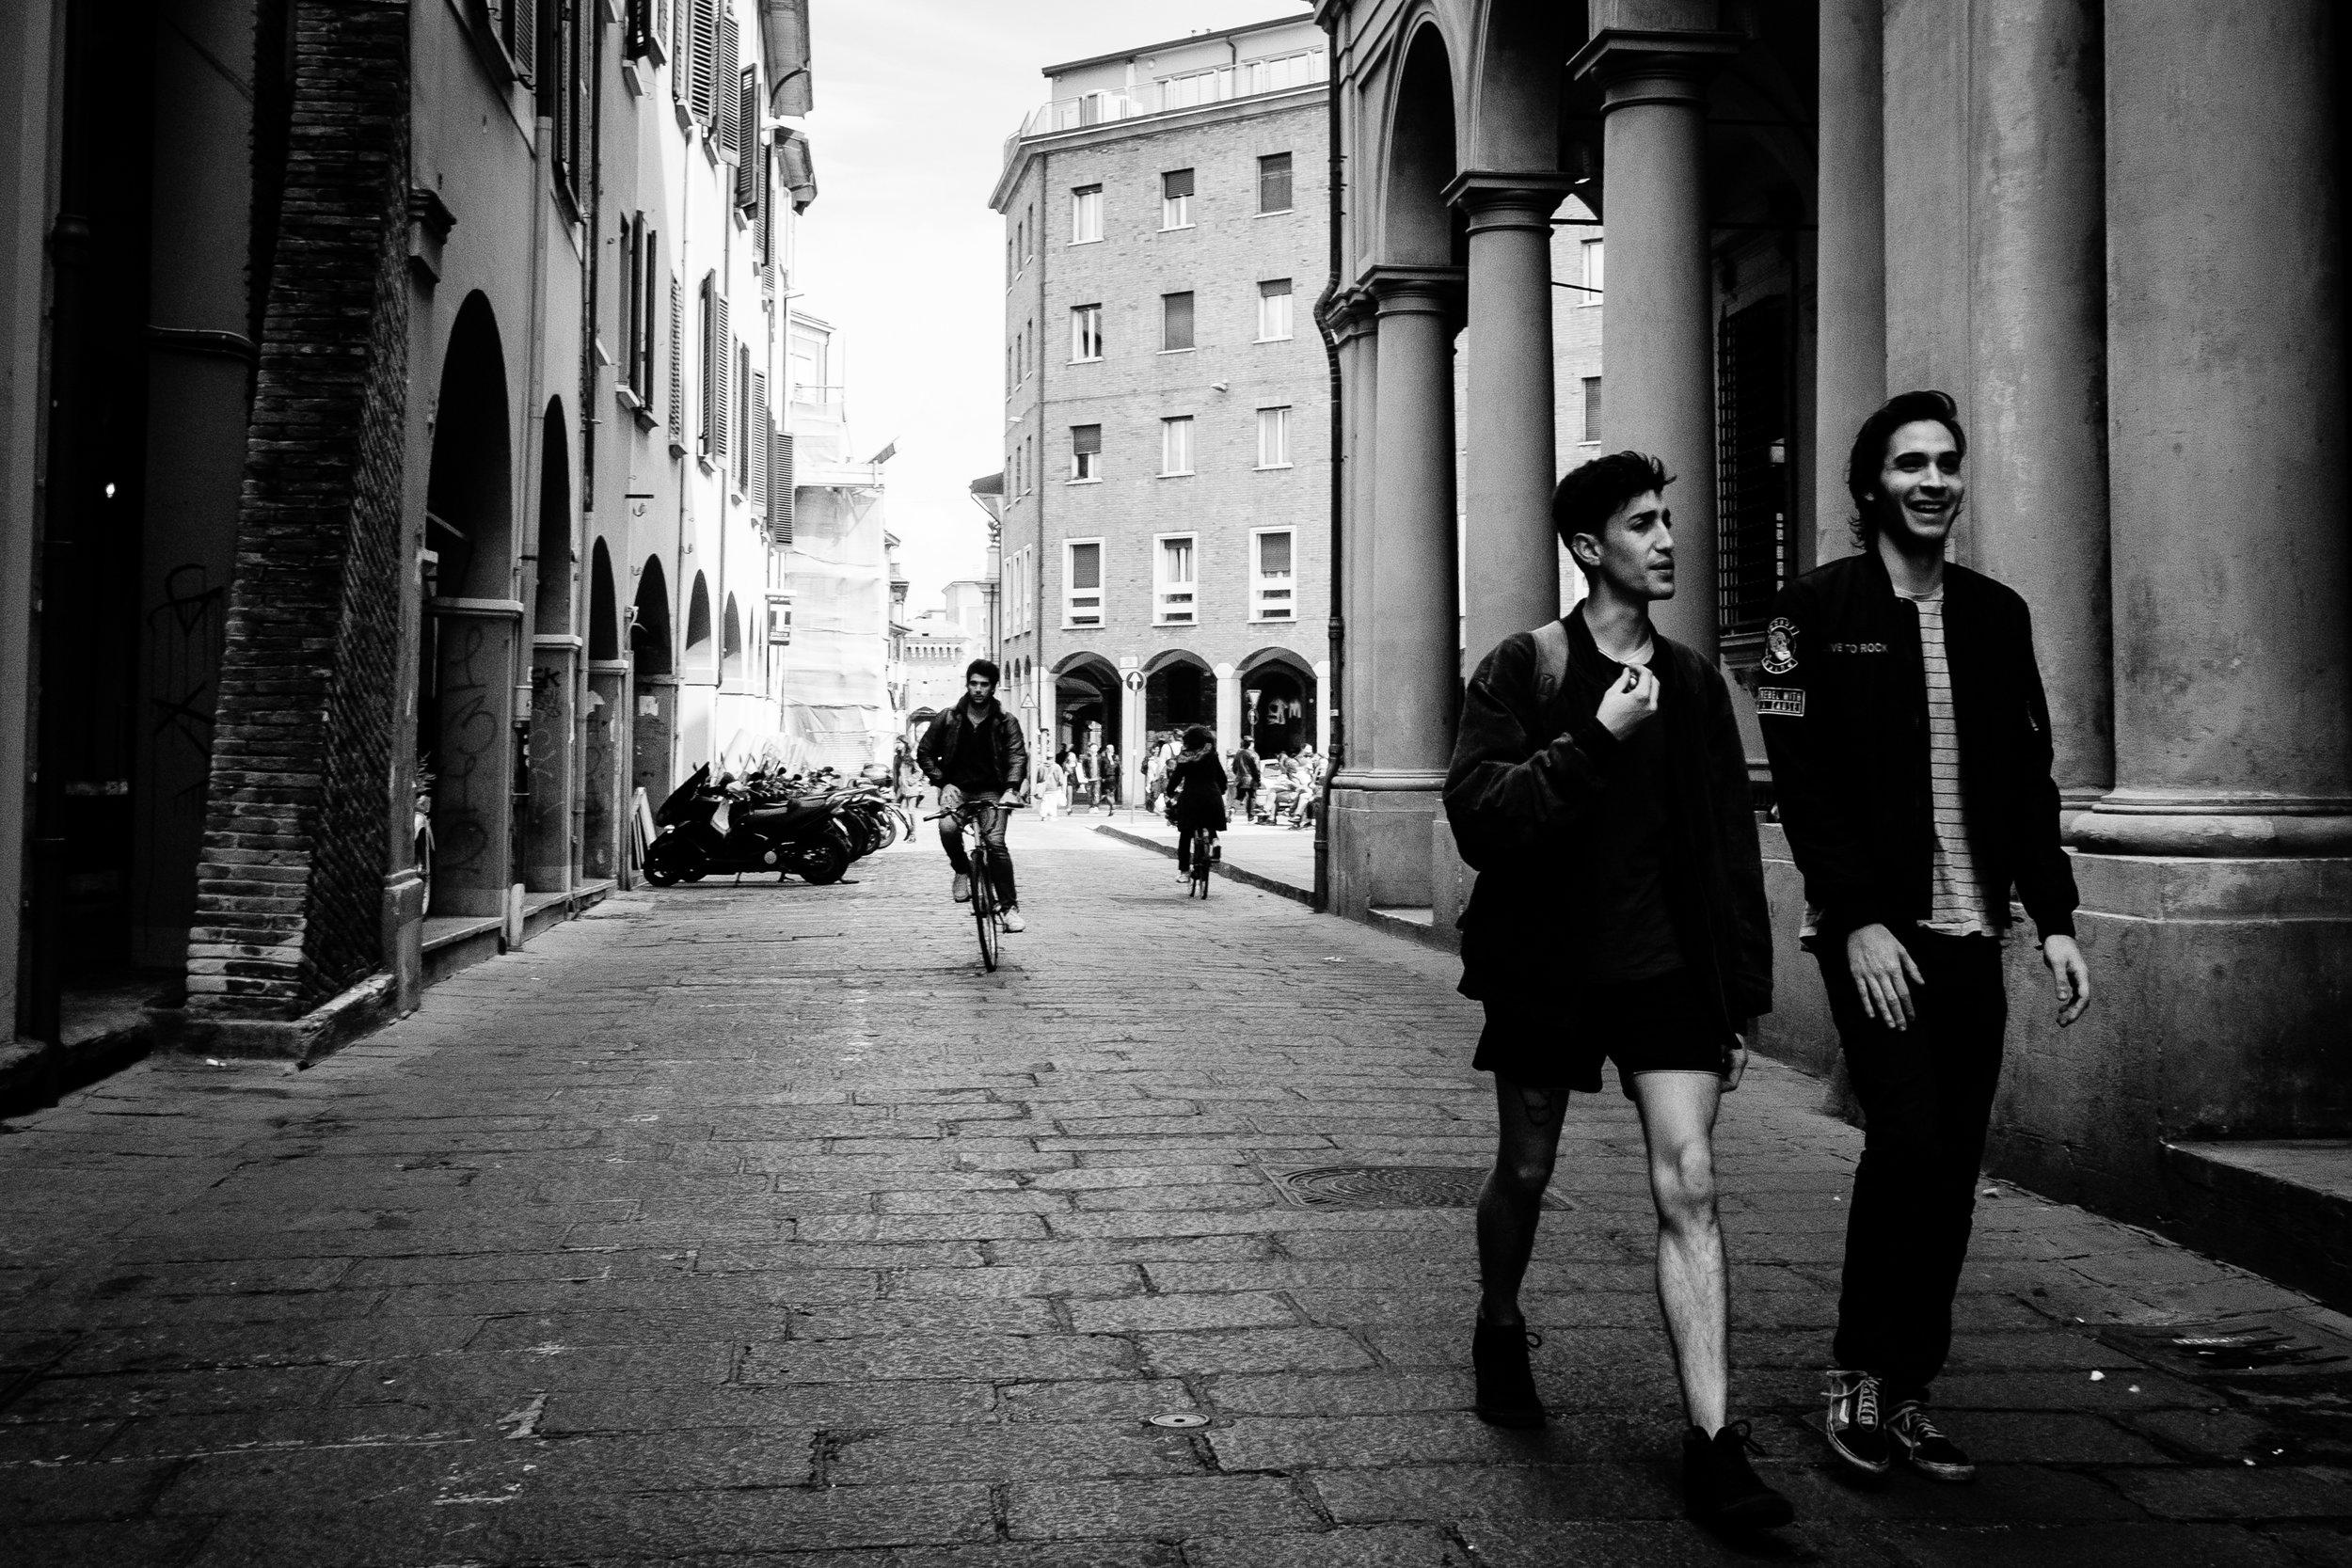 Bologna_DSCF1091.jpg